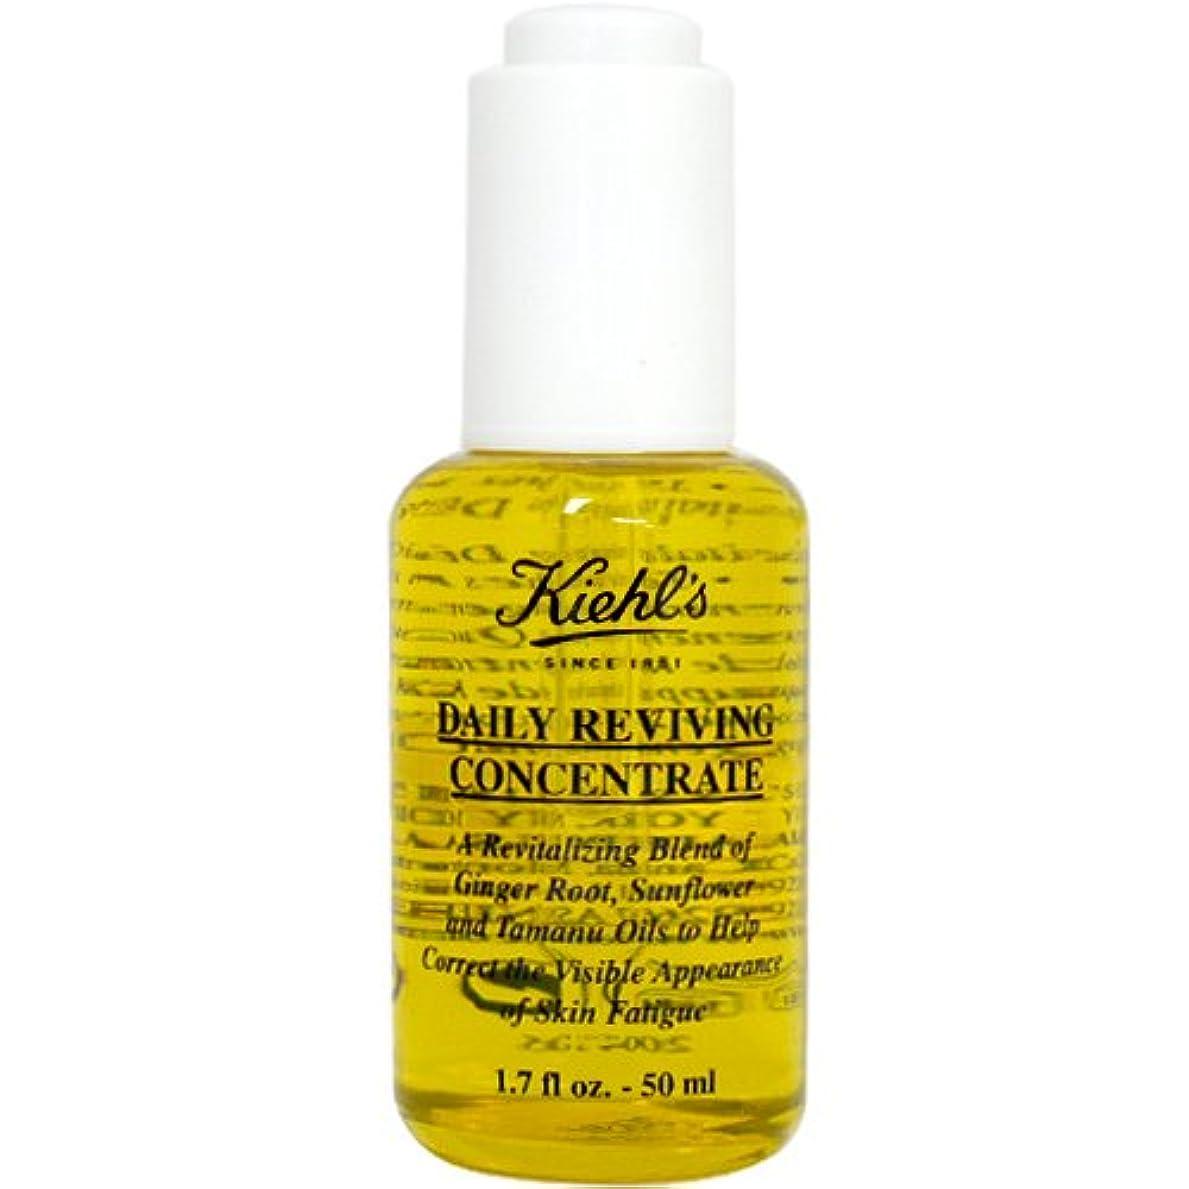 シャイ調整乳剤キールズ KIEHL'S デイリーボタニカル コンセントレート 50ml